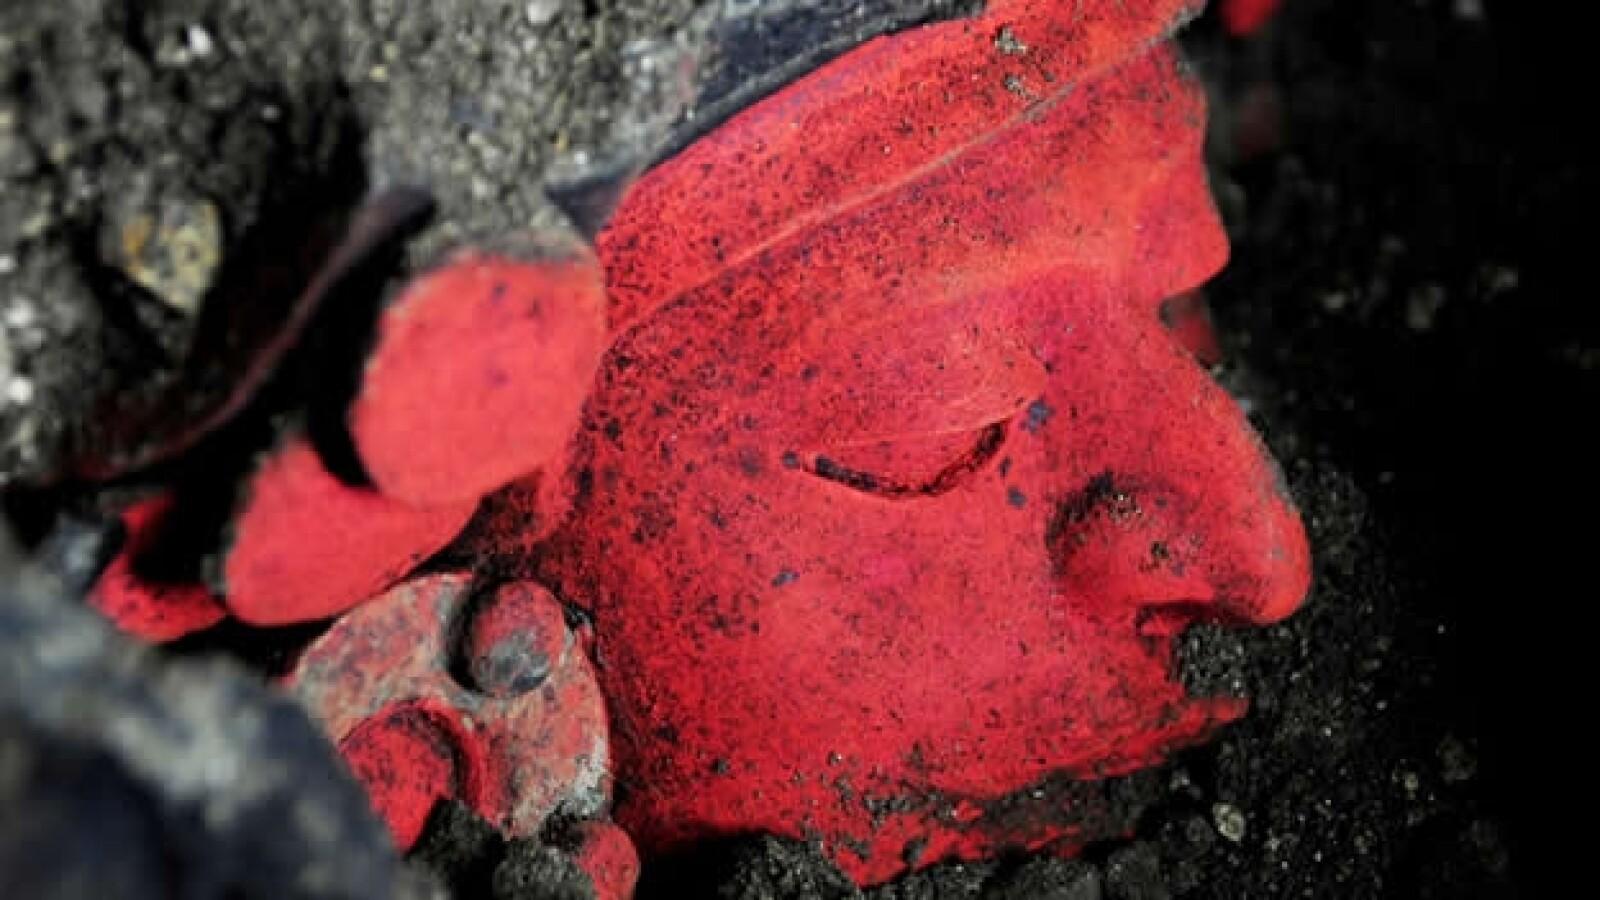 urna zapoteca con rostro humano